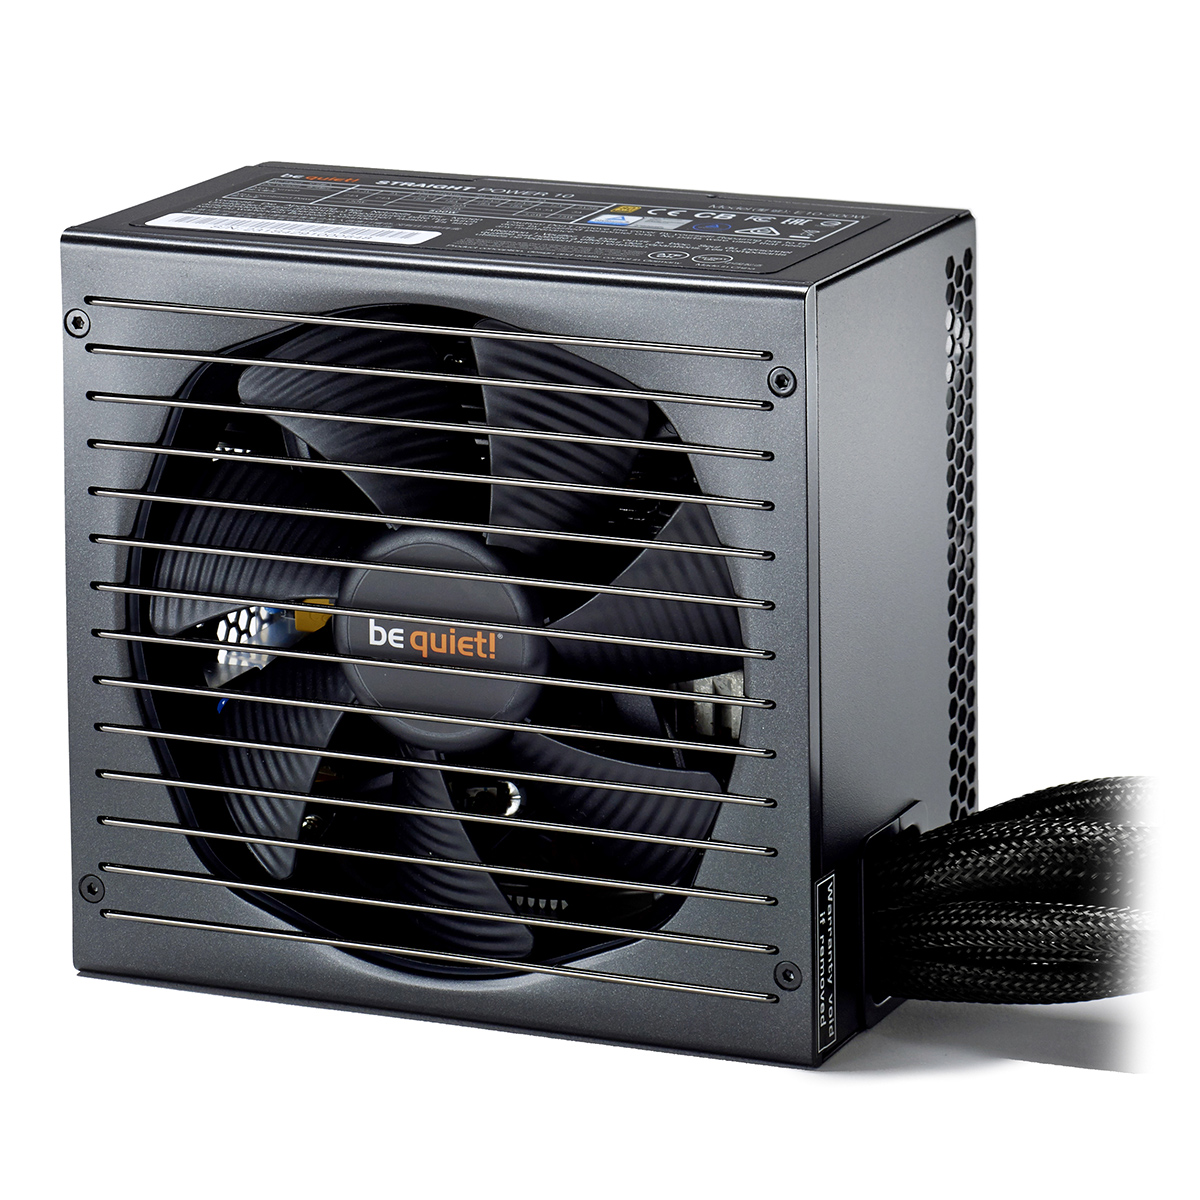 Alimentation PC be quiet! Straight Power 10 600W 80PLUS Gold Alimentation 600W ATX 12V 2.4/ EPS 12V 2.92 (Garantie 5 ans par Be Quiet !)